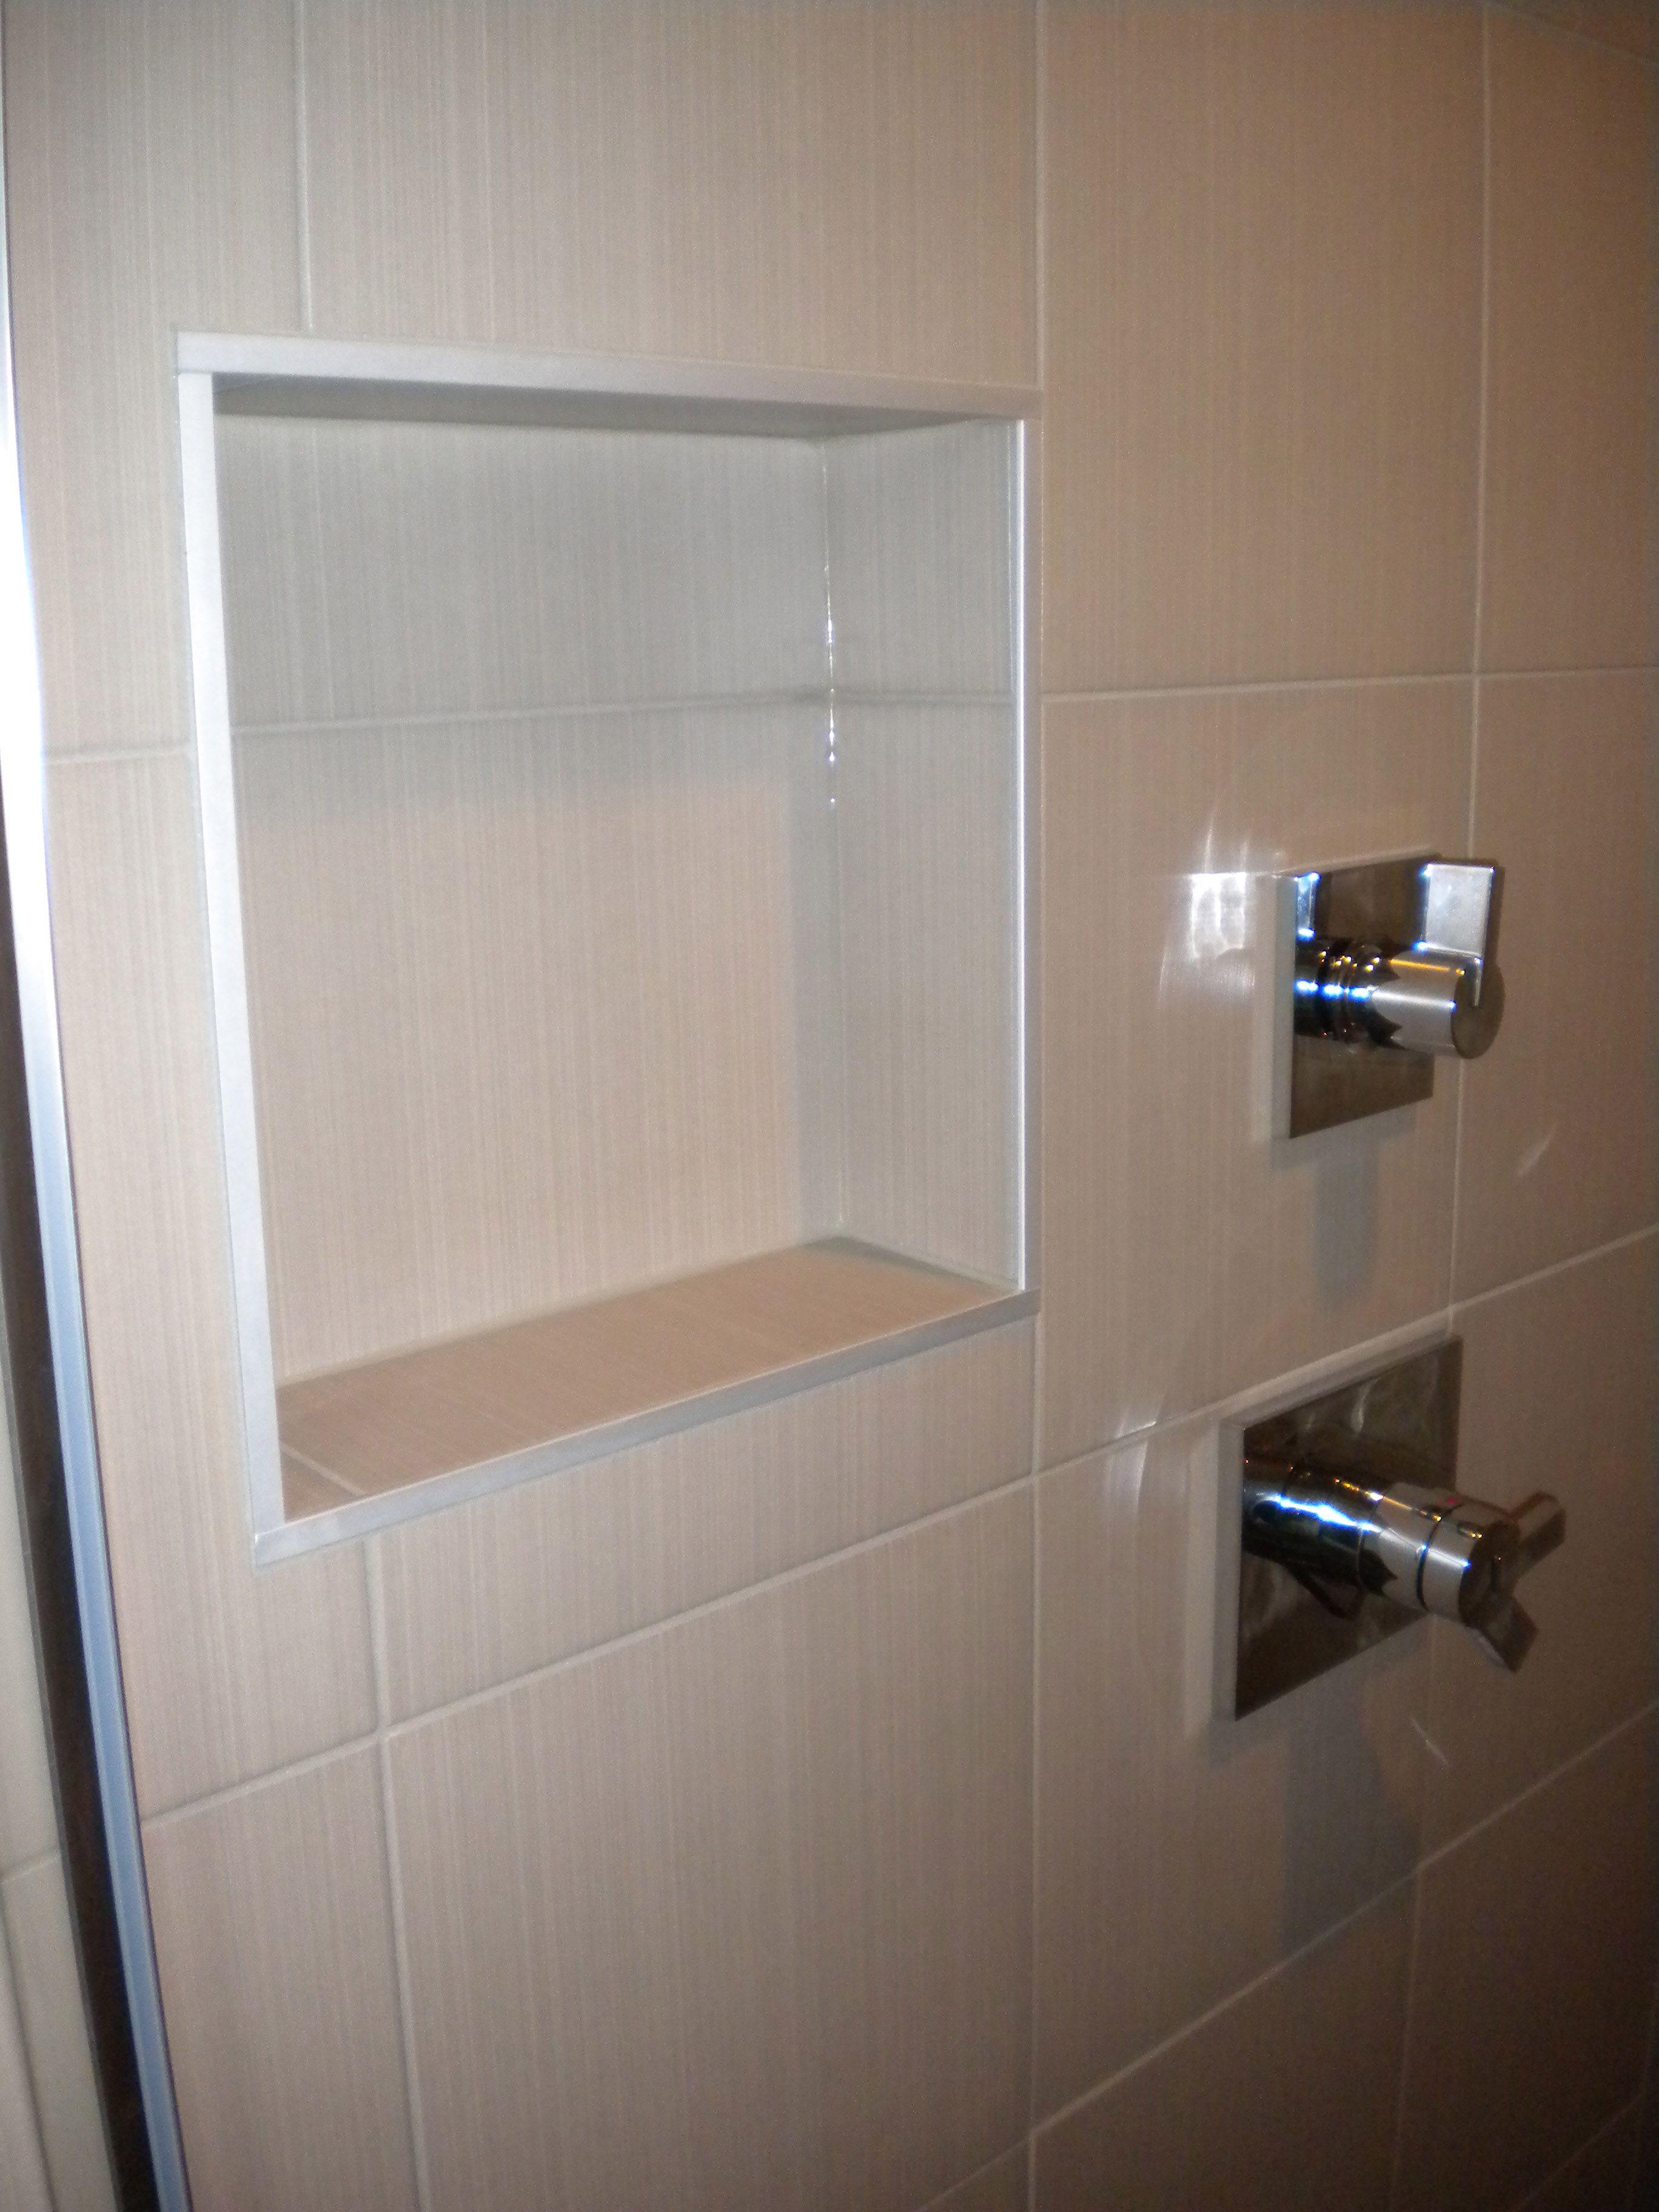 Tub Surround Niche Soap Ceramic Recessed Shower Shelf Dark Brown For